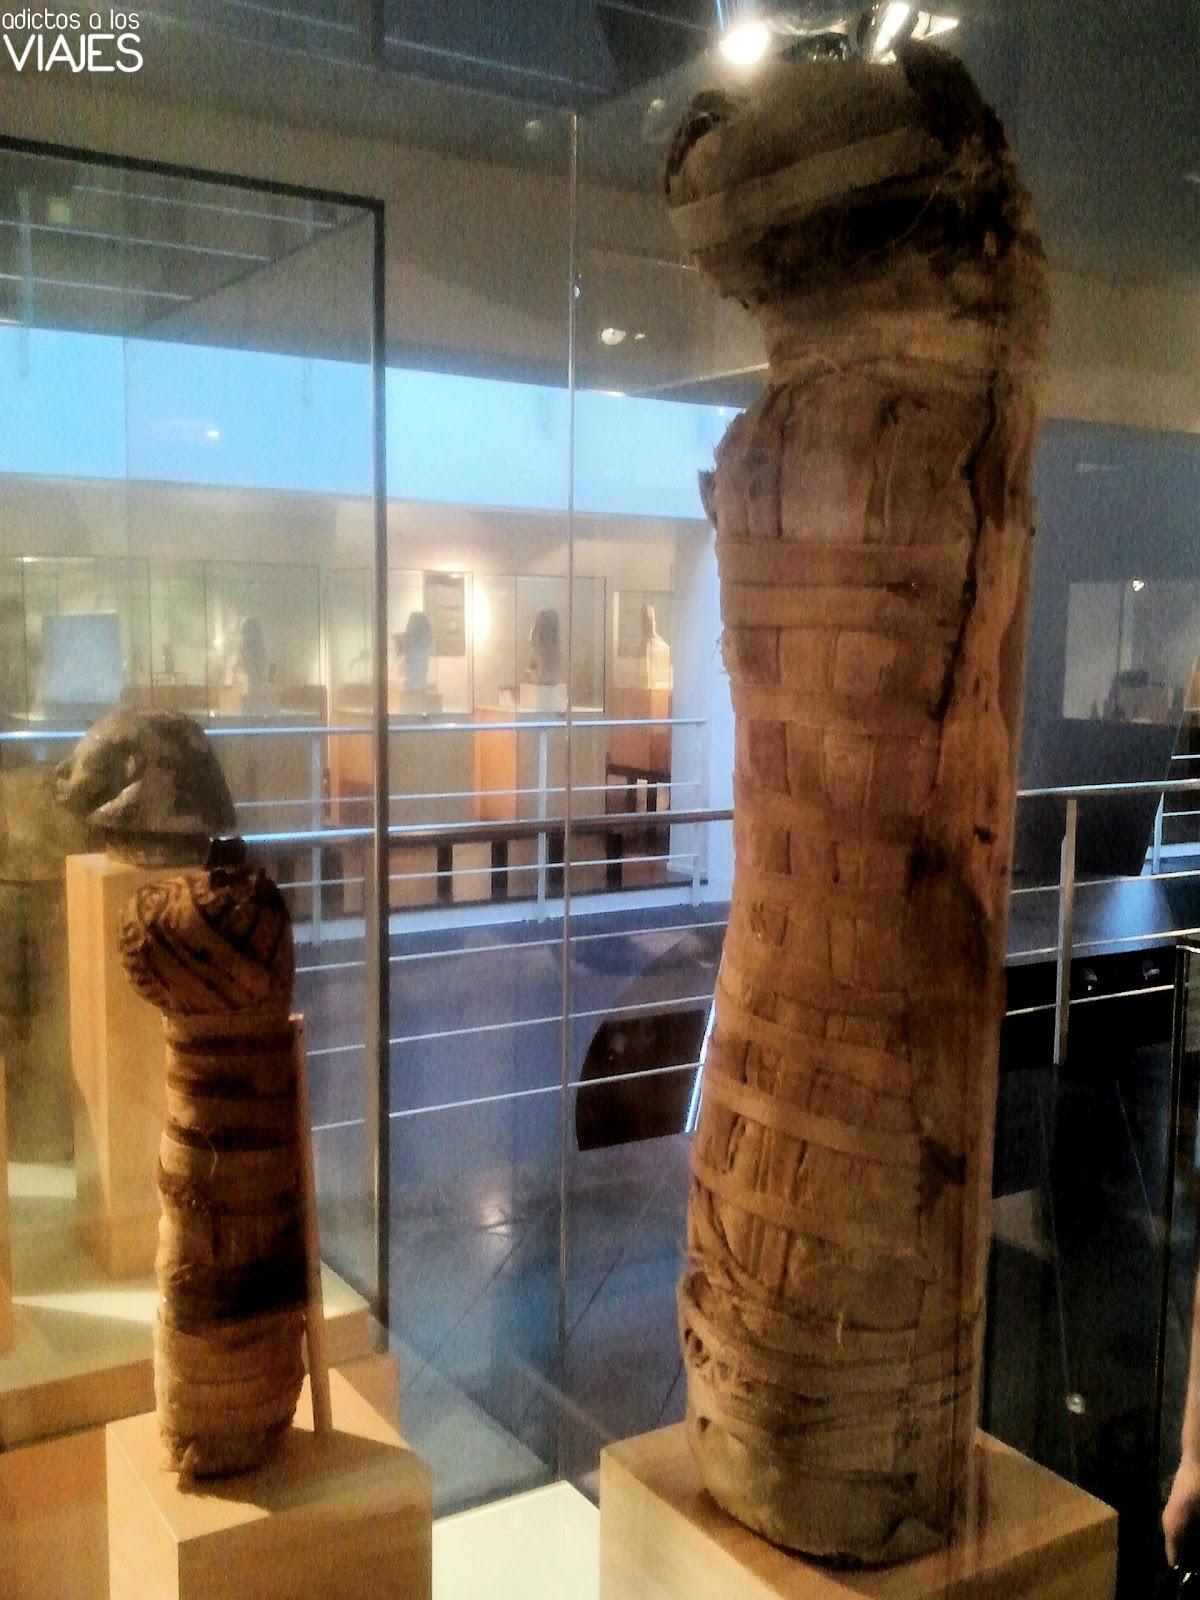 paseando entre momias en el museo egipcio de barcelona